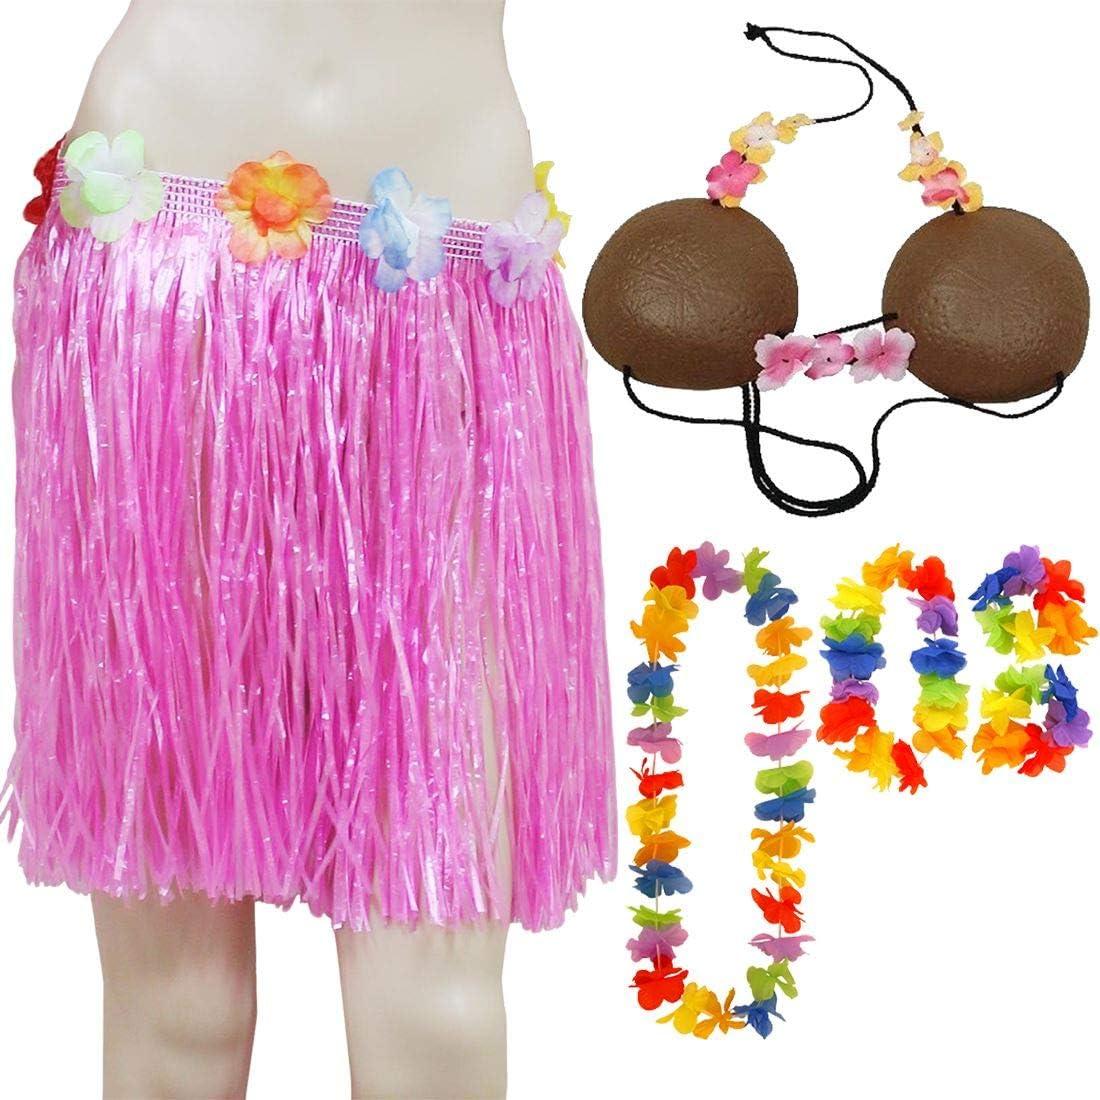 Islander Fashions para Mujer Hawaiana Hula Lei, Juego de 4 Piezas Falda Hula con Flores y Conjunto de Sujetador de Coco